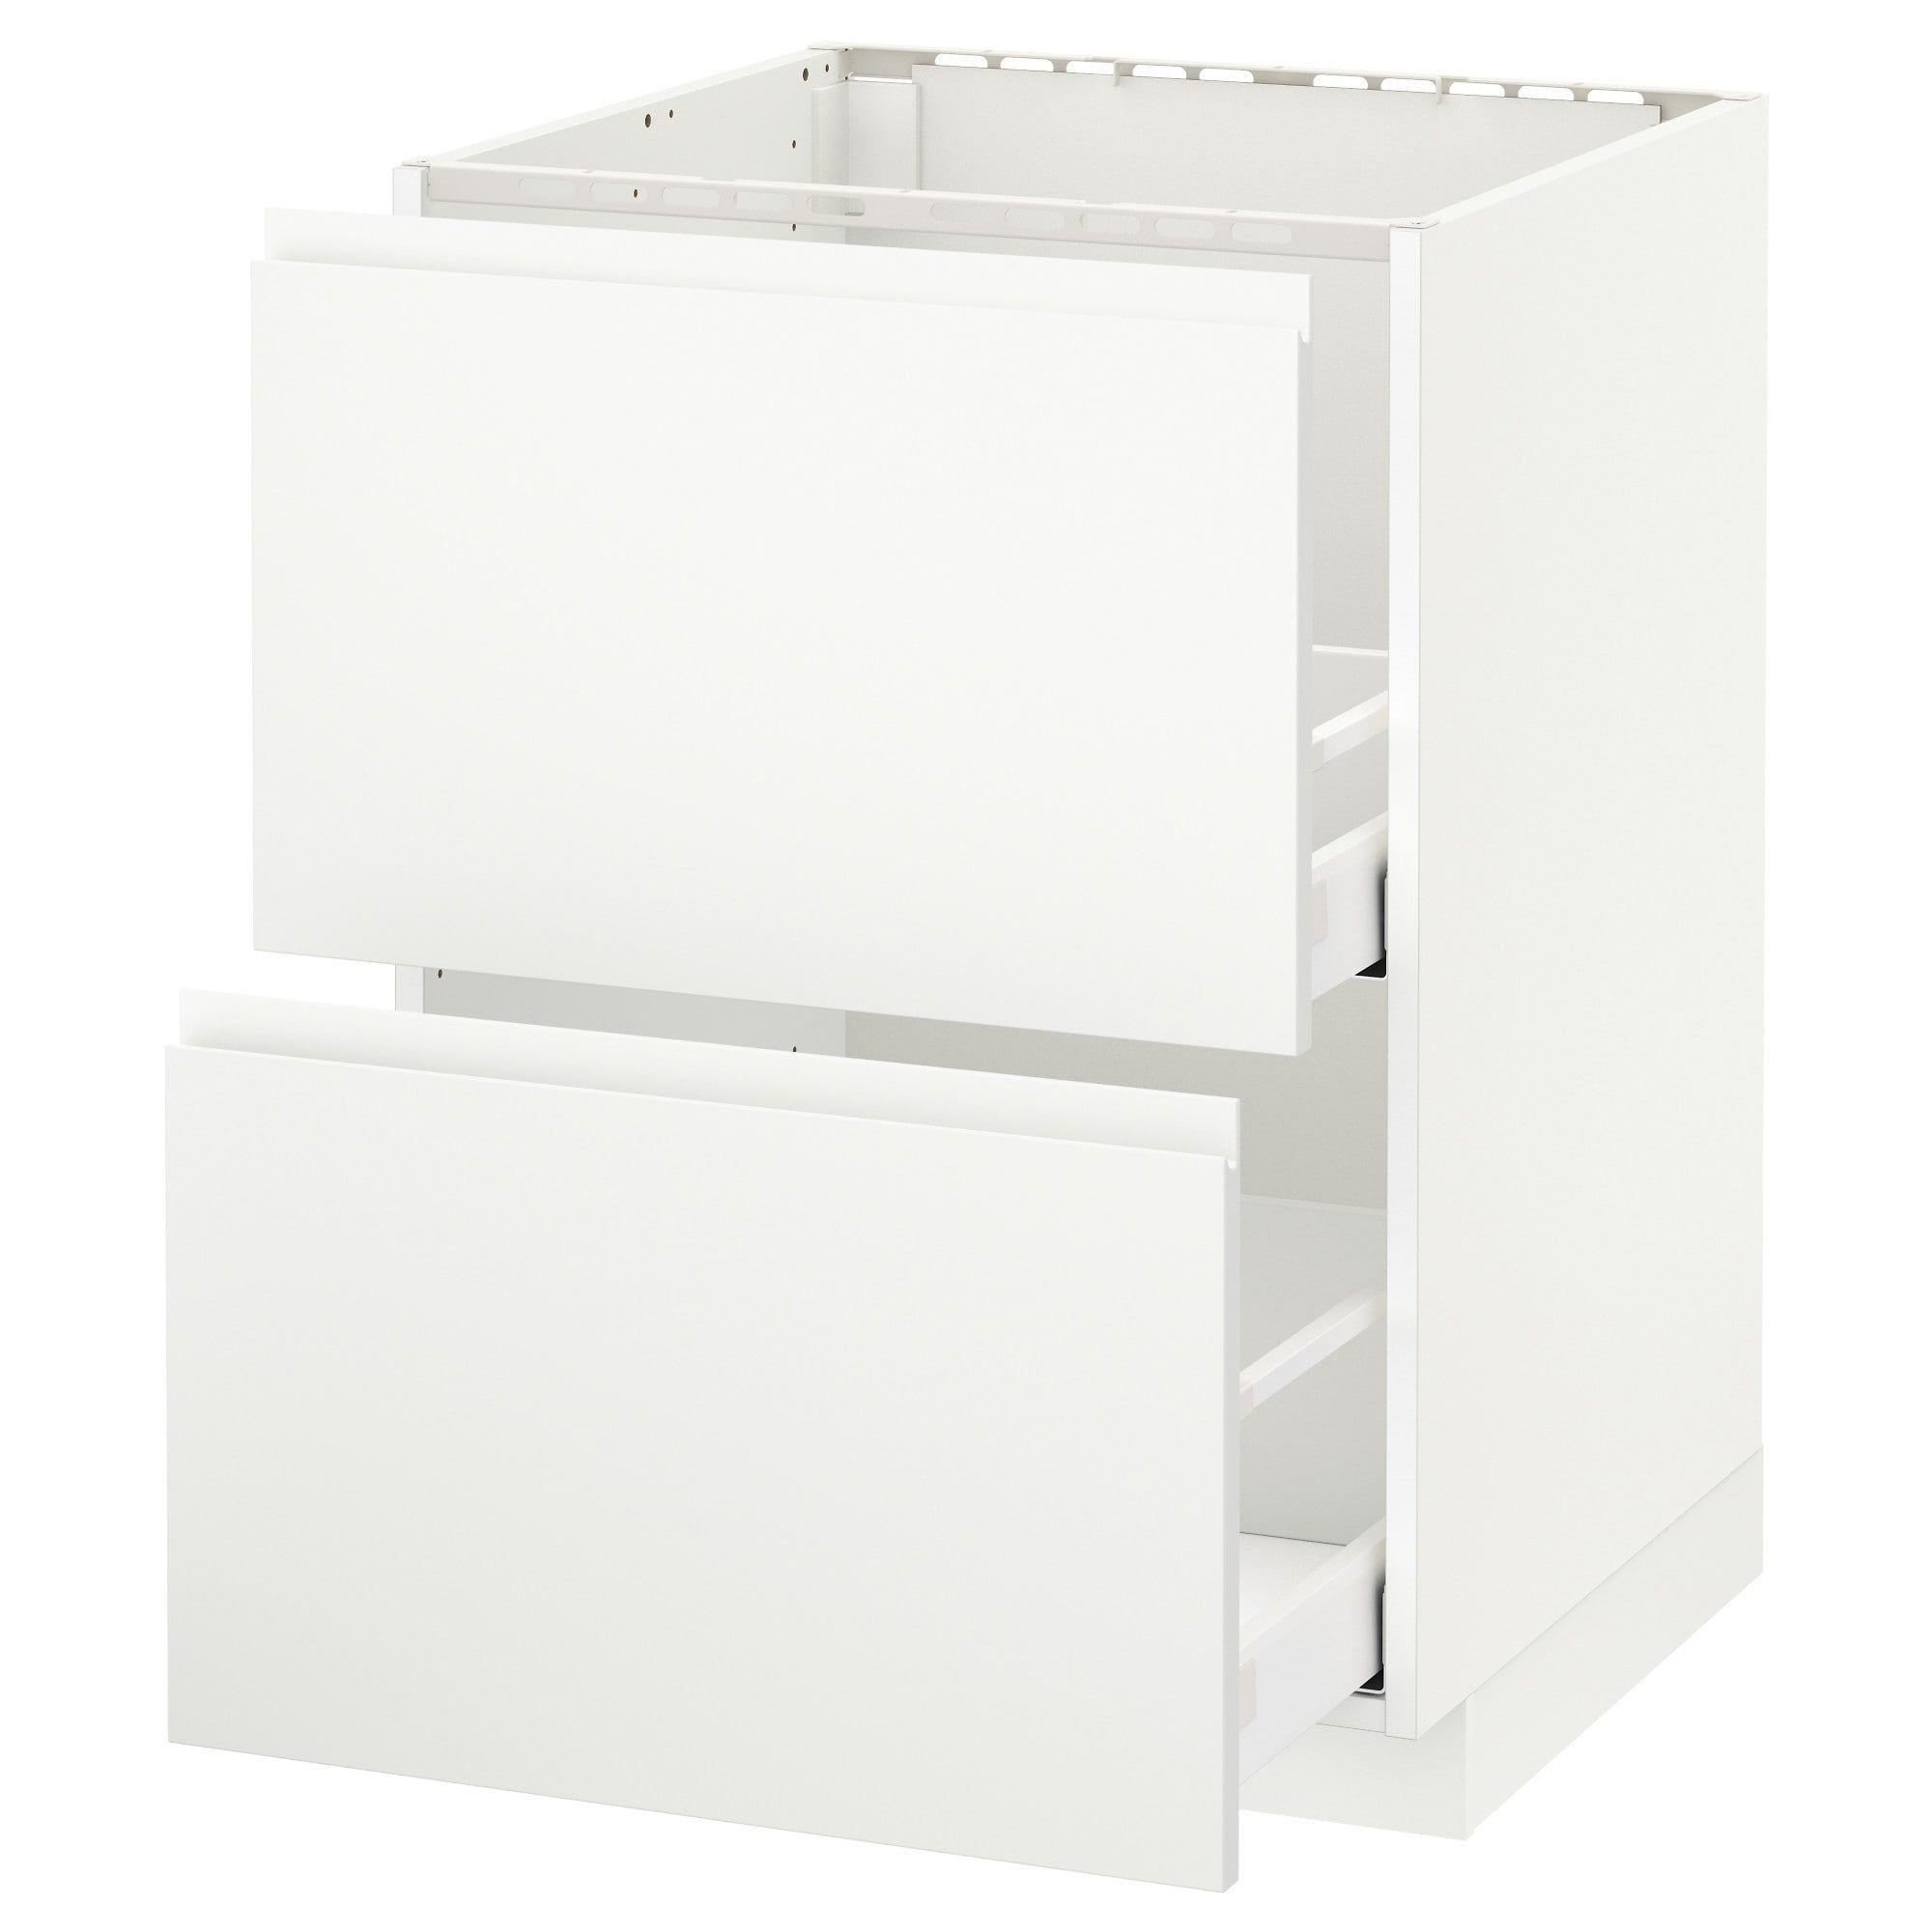 Ikea Schrank 60x60x40 Test 8